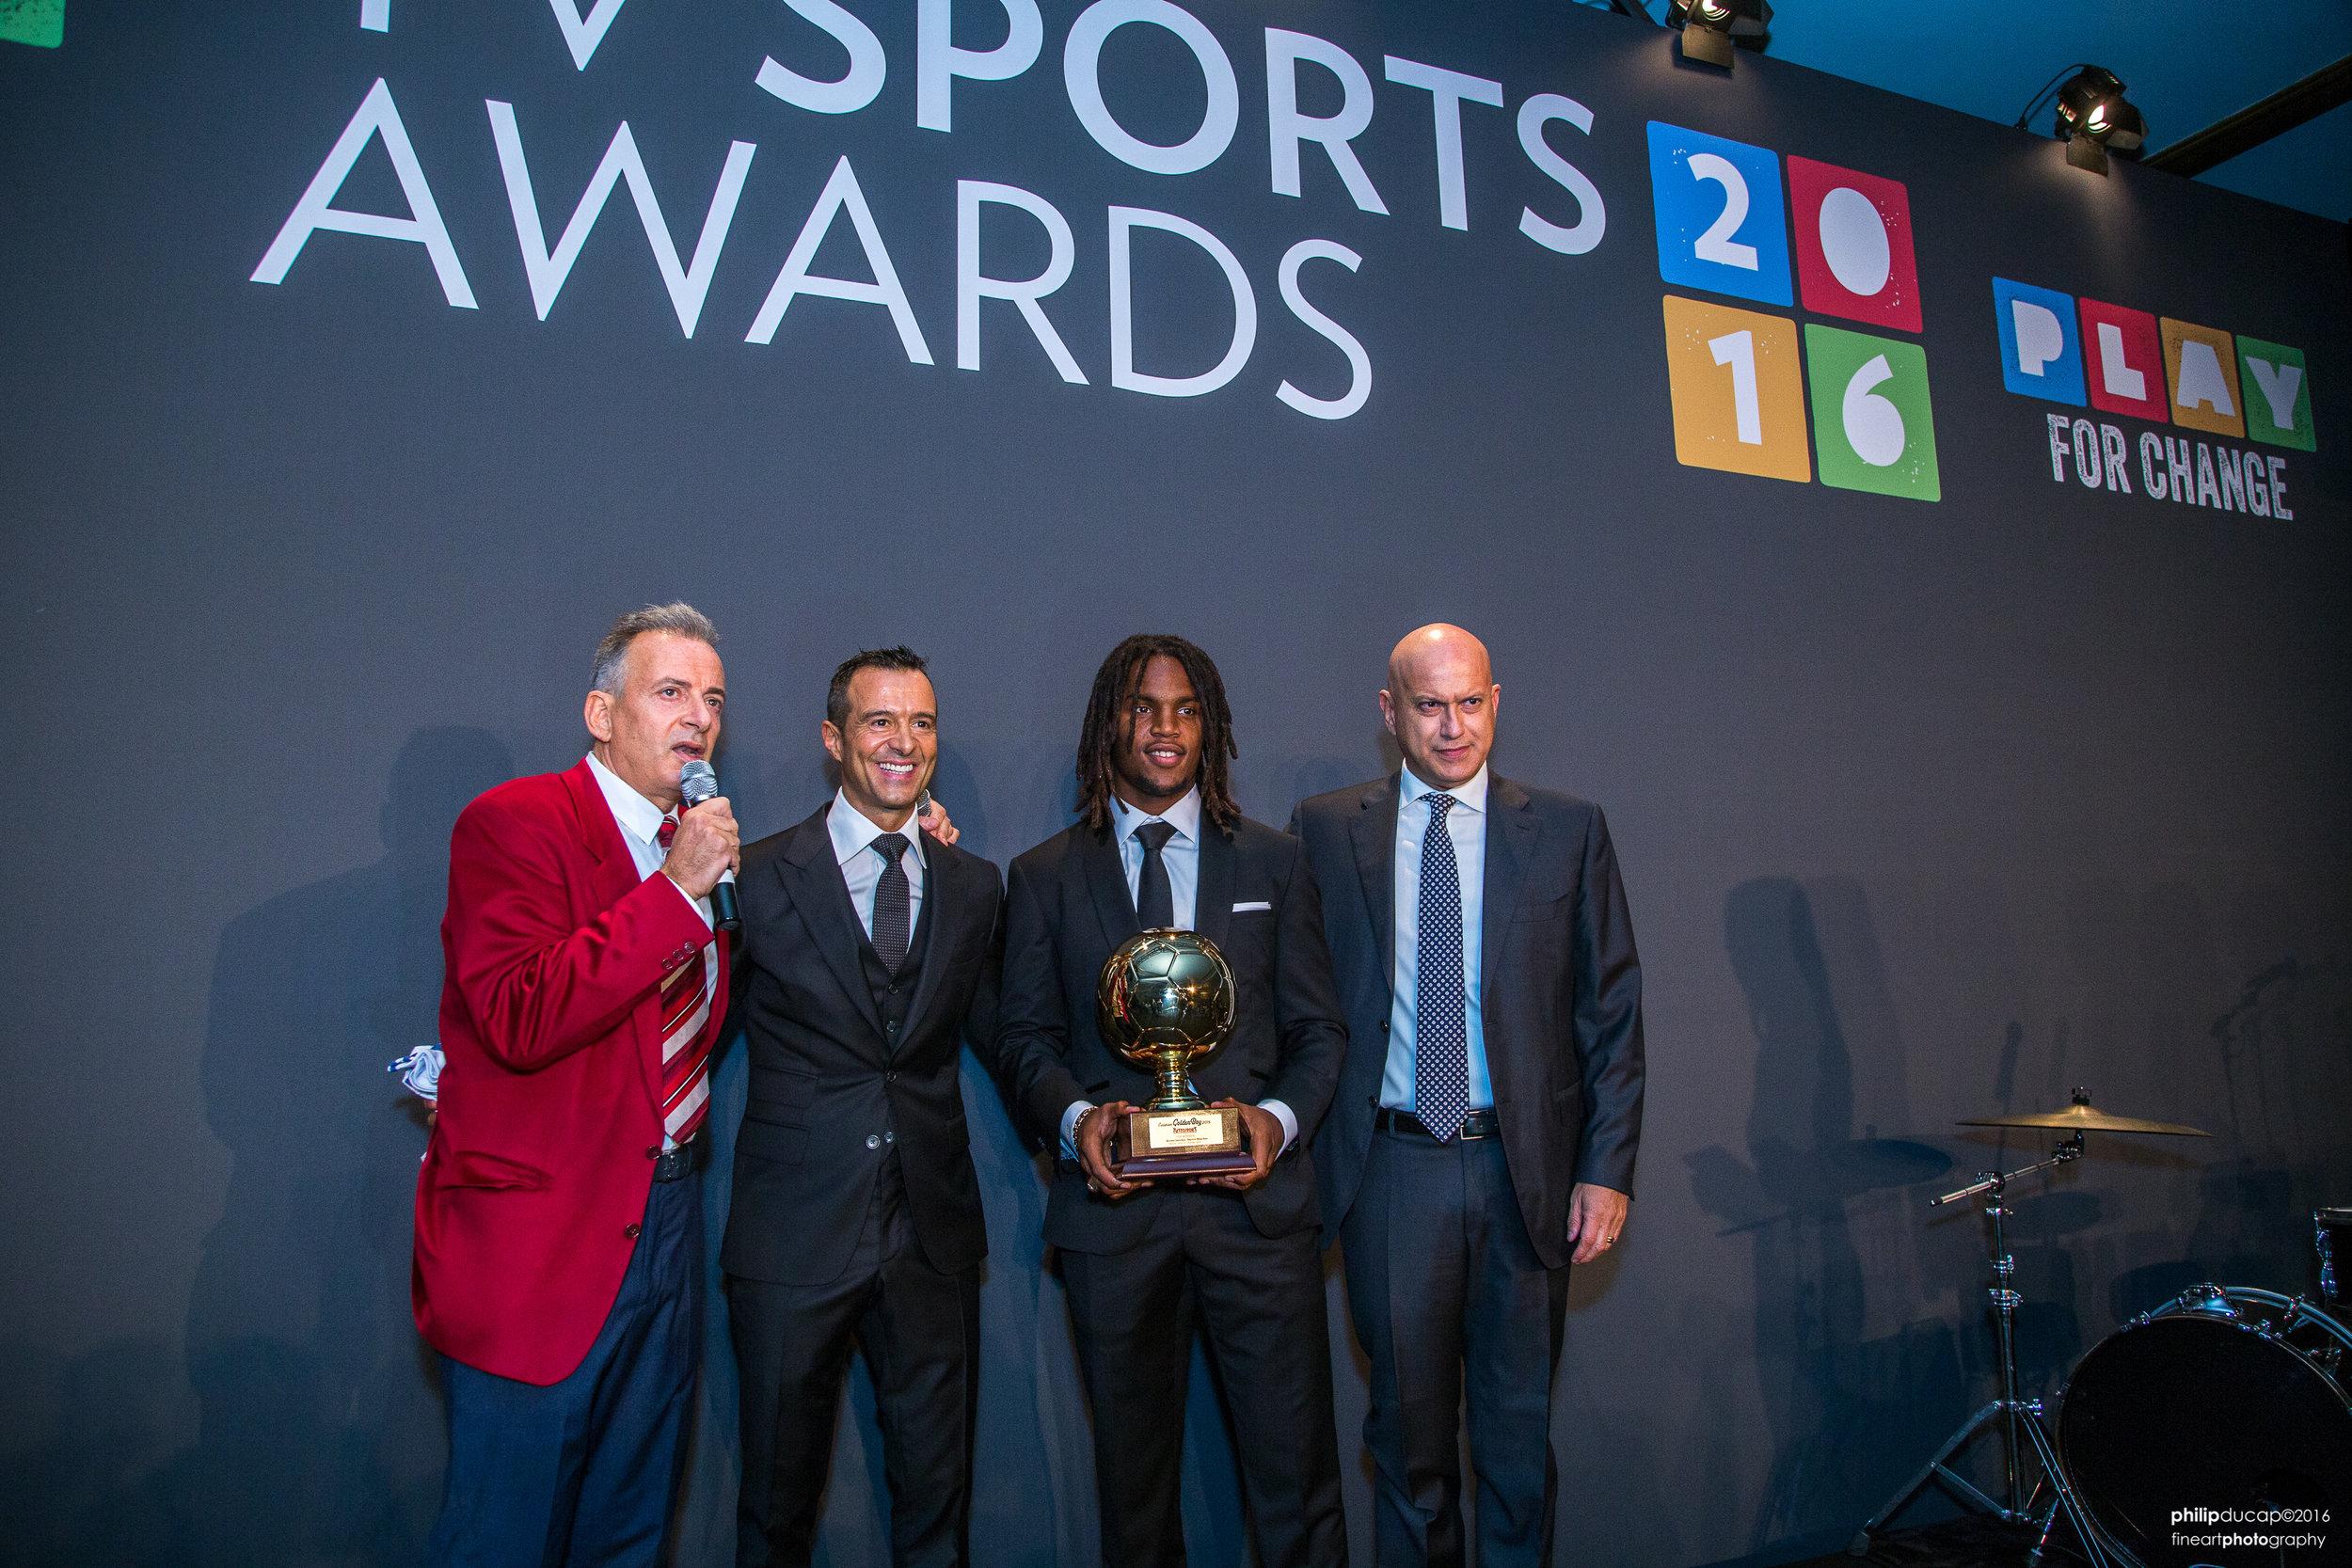 Renato Sanches receiving his Golden Boy Award